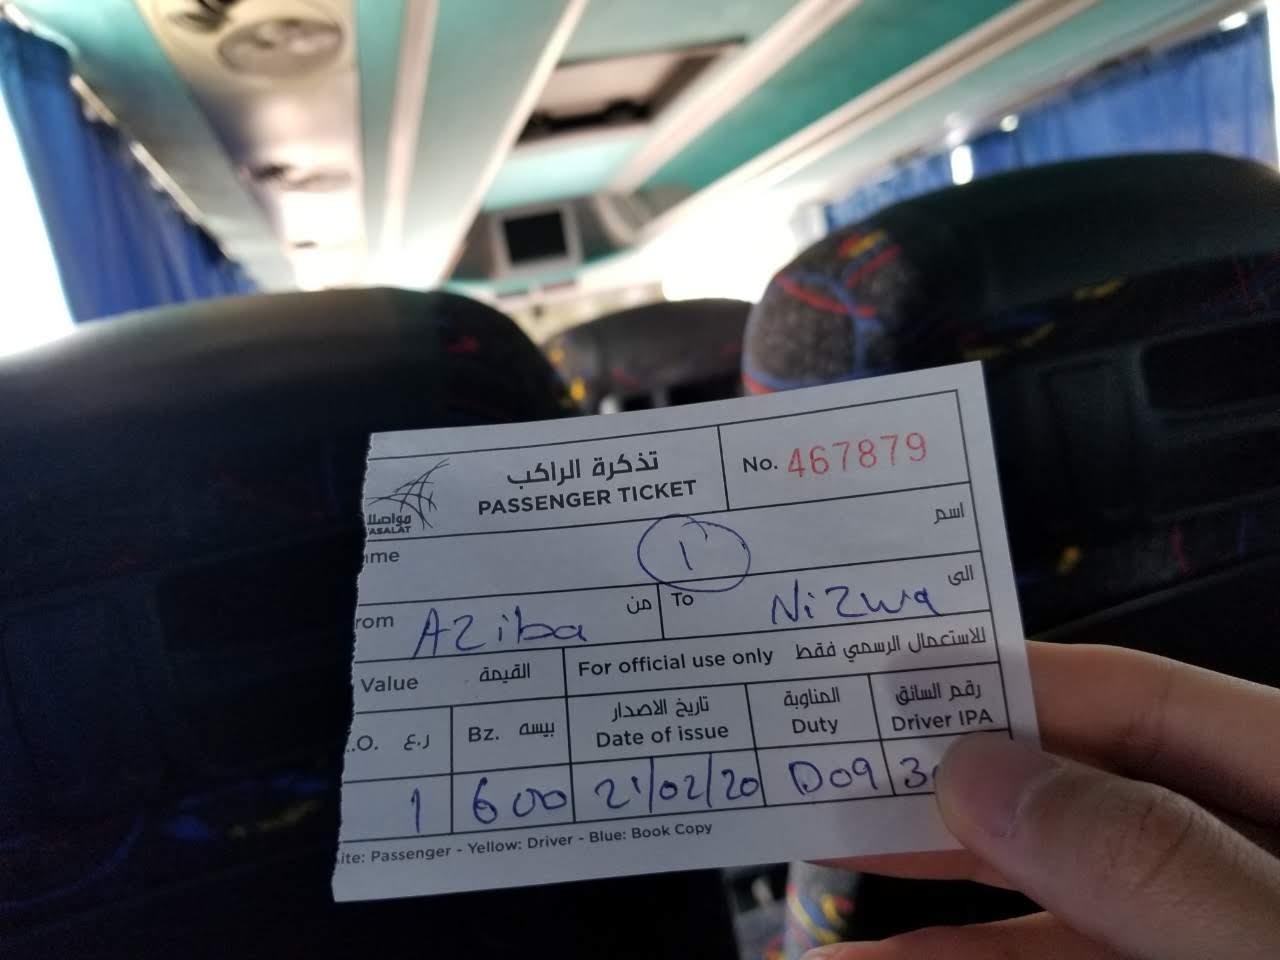 ニズワ行きのバスチケット